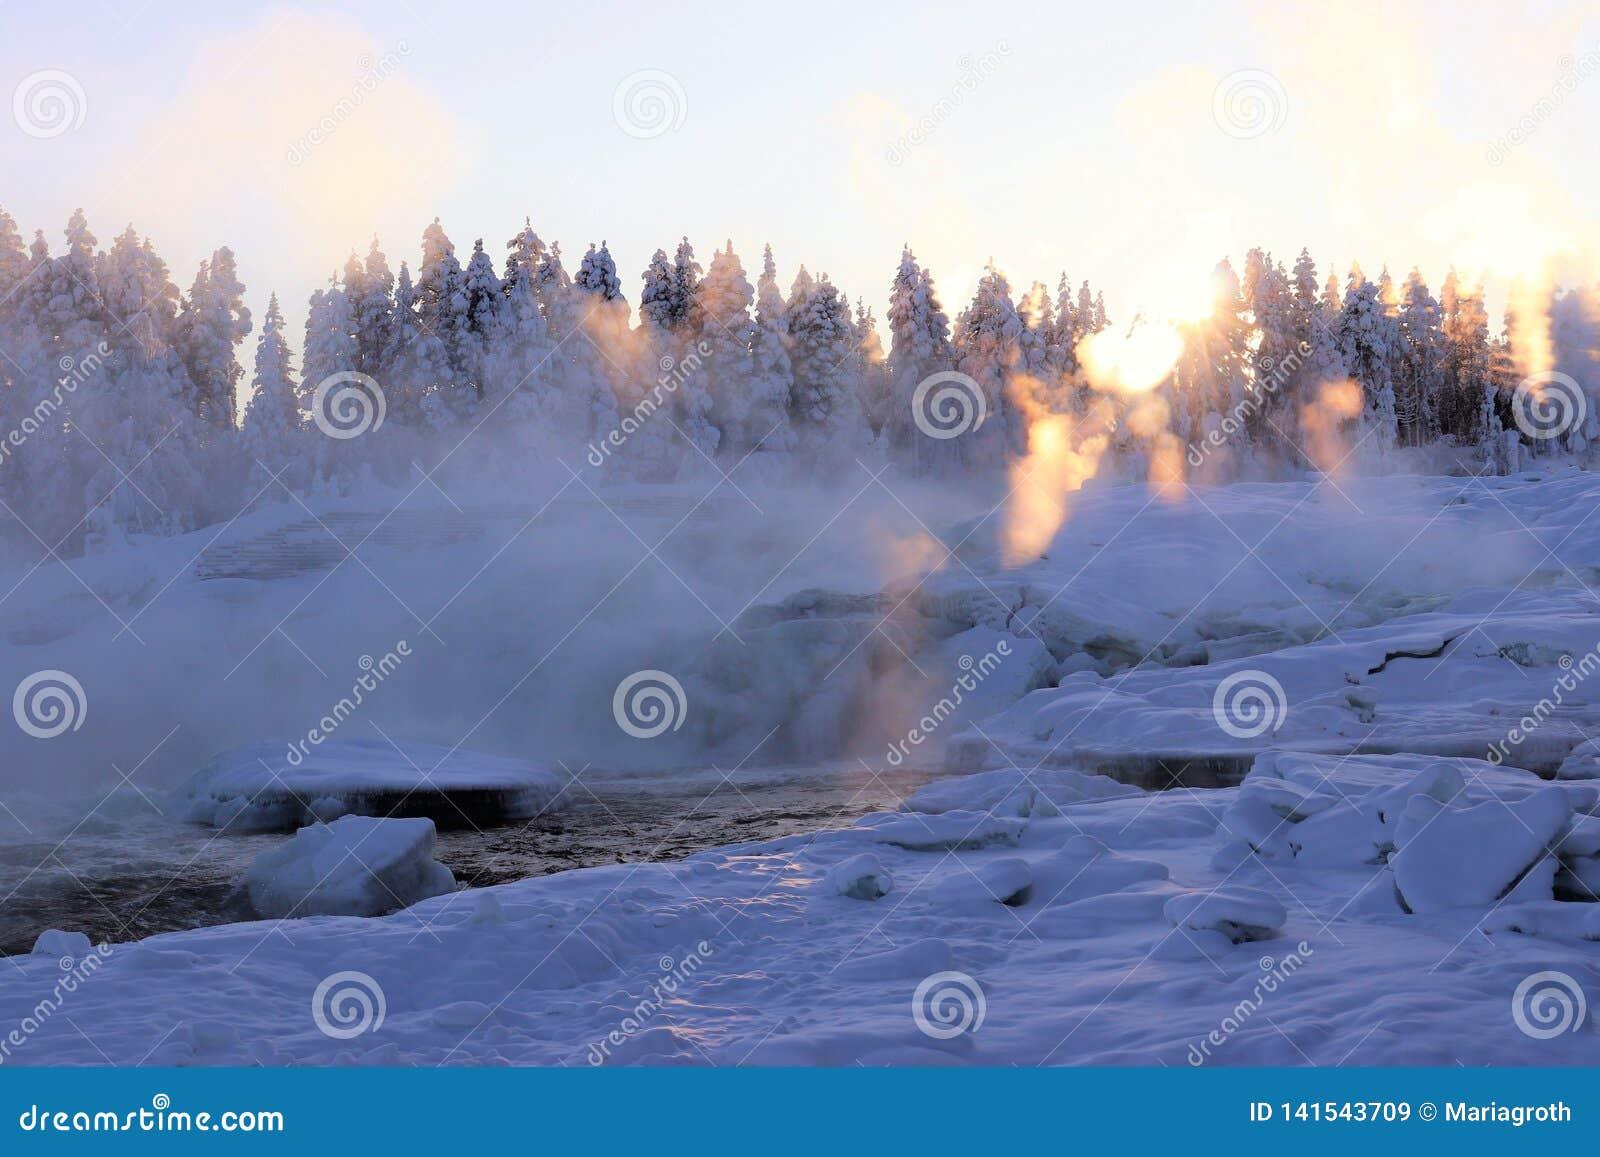 Storforsen σε ένα μυθικό χειμερινό τοπίο